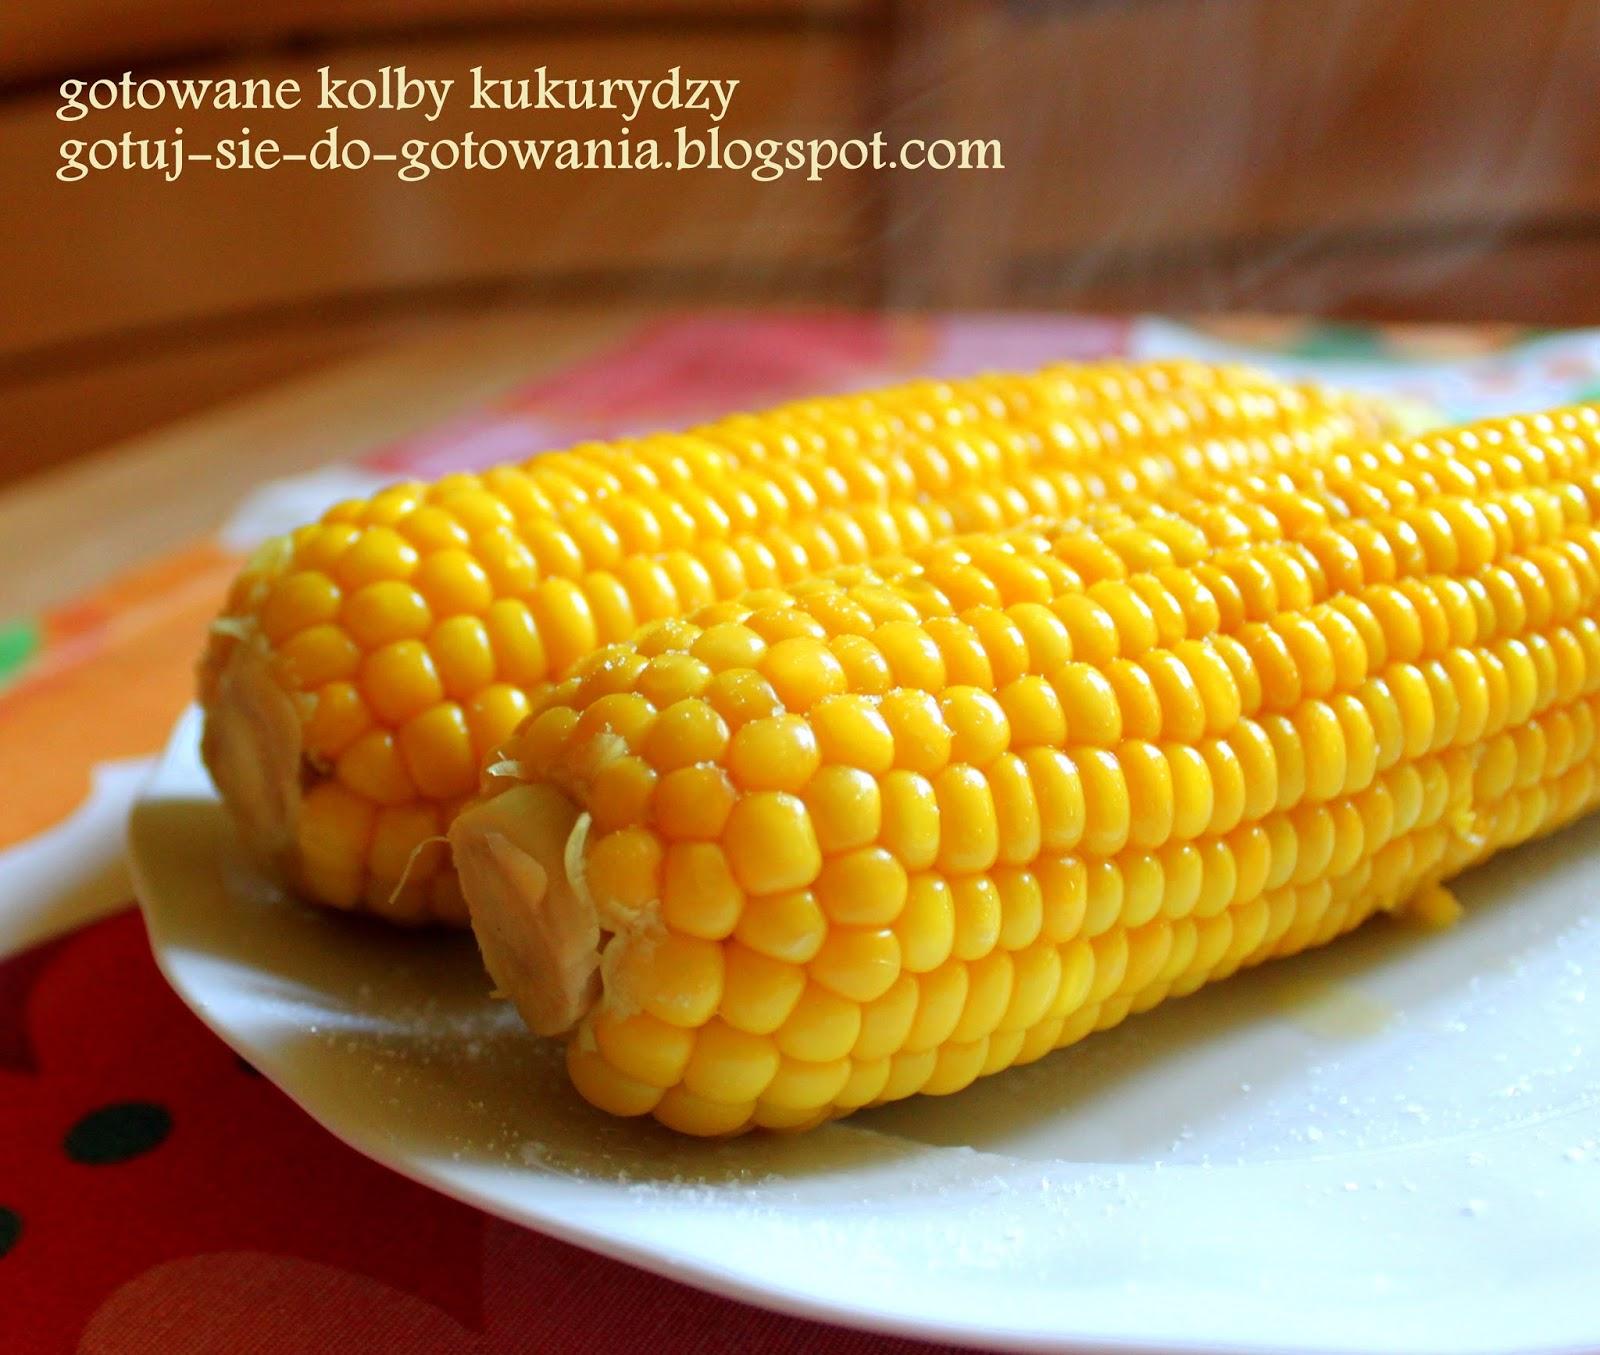 Gotuj Się Do Gotowania Gotowana Kukurydza Przepis Podstawowy